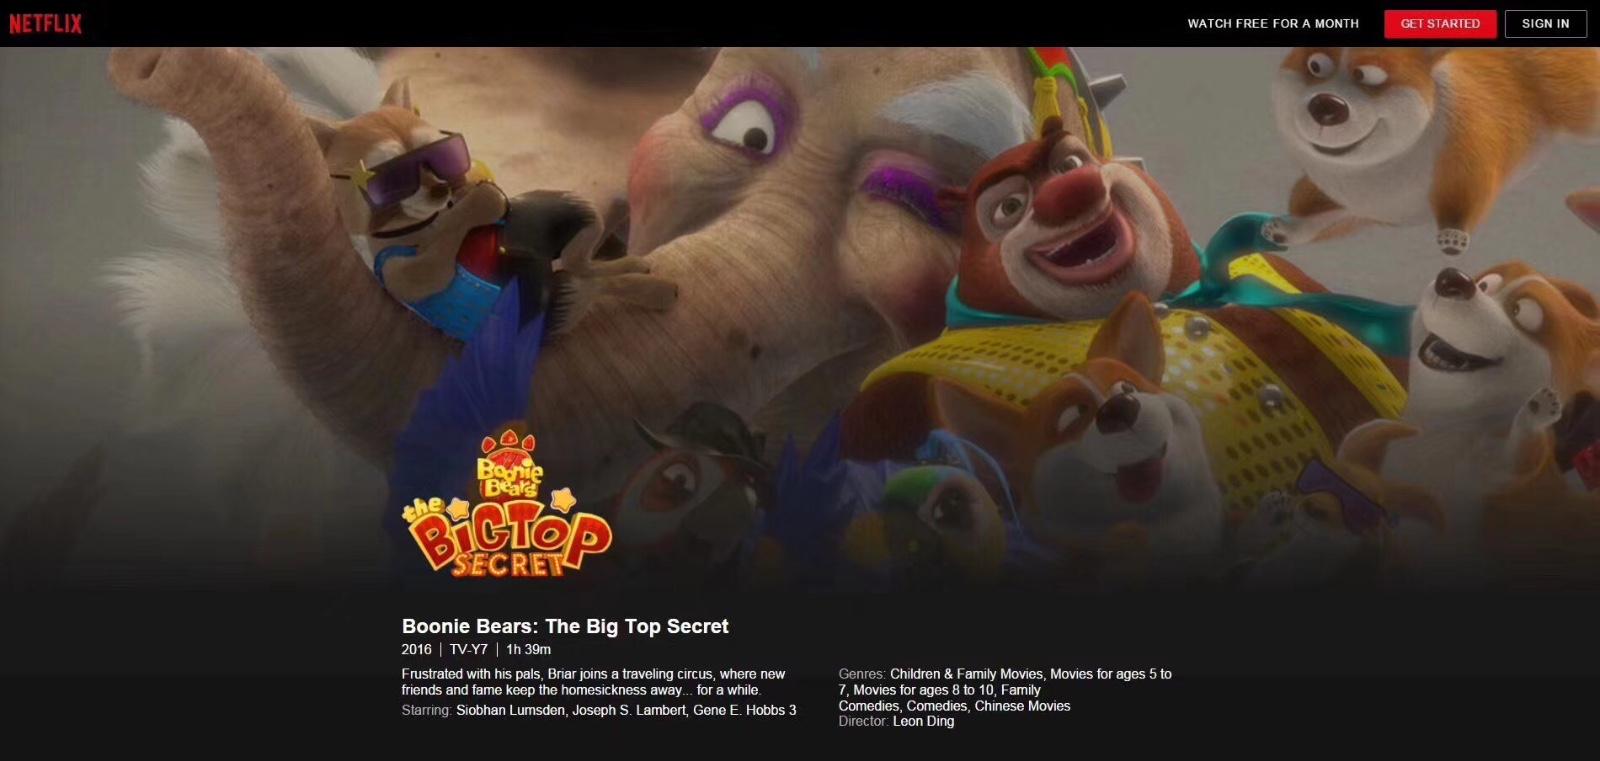 中国动画《熊出没》海外热播大受好评